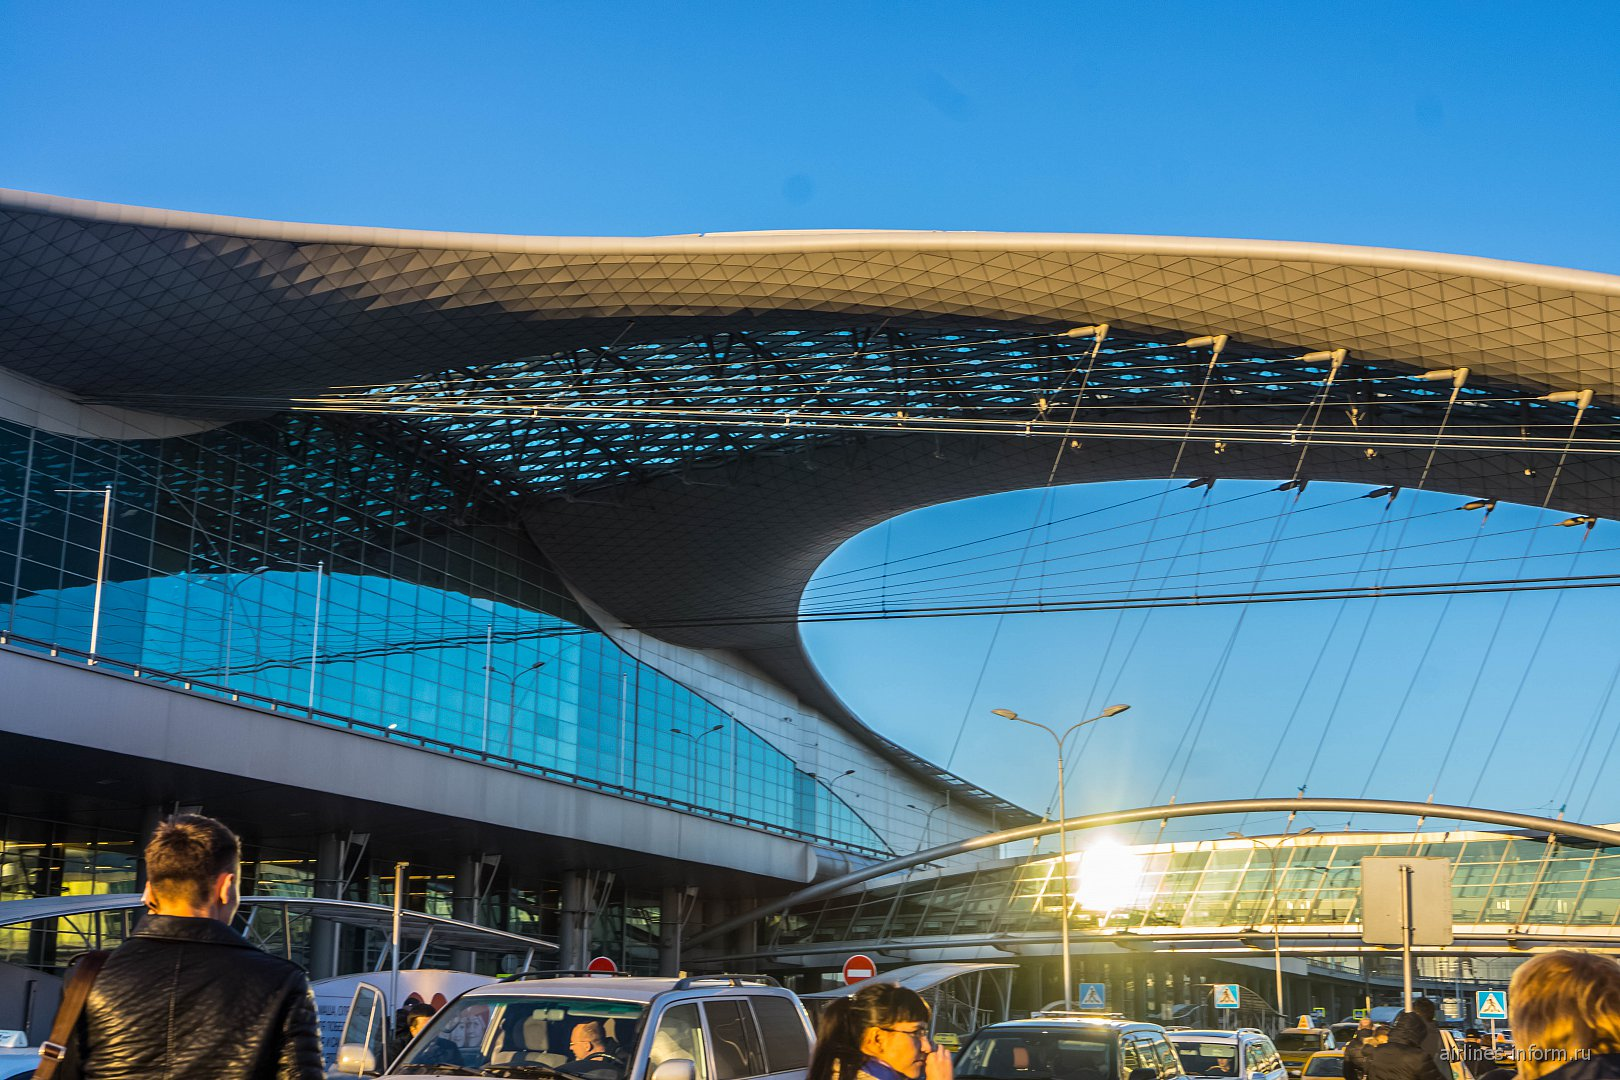 Терминал D аэропорта Шереметьево в лучах заката.